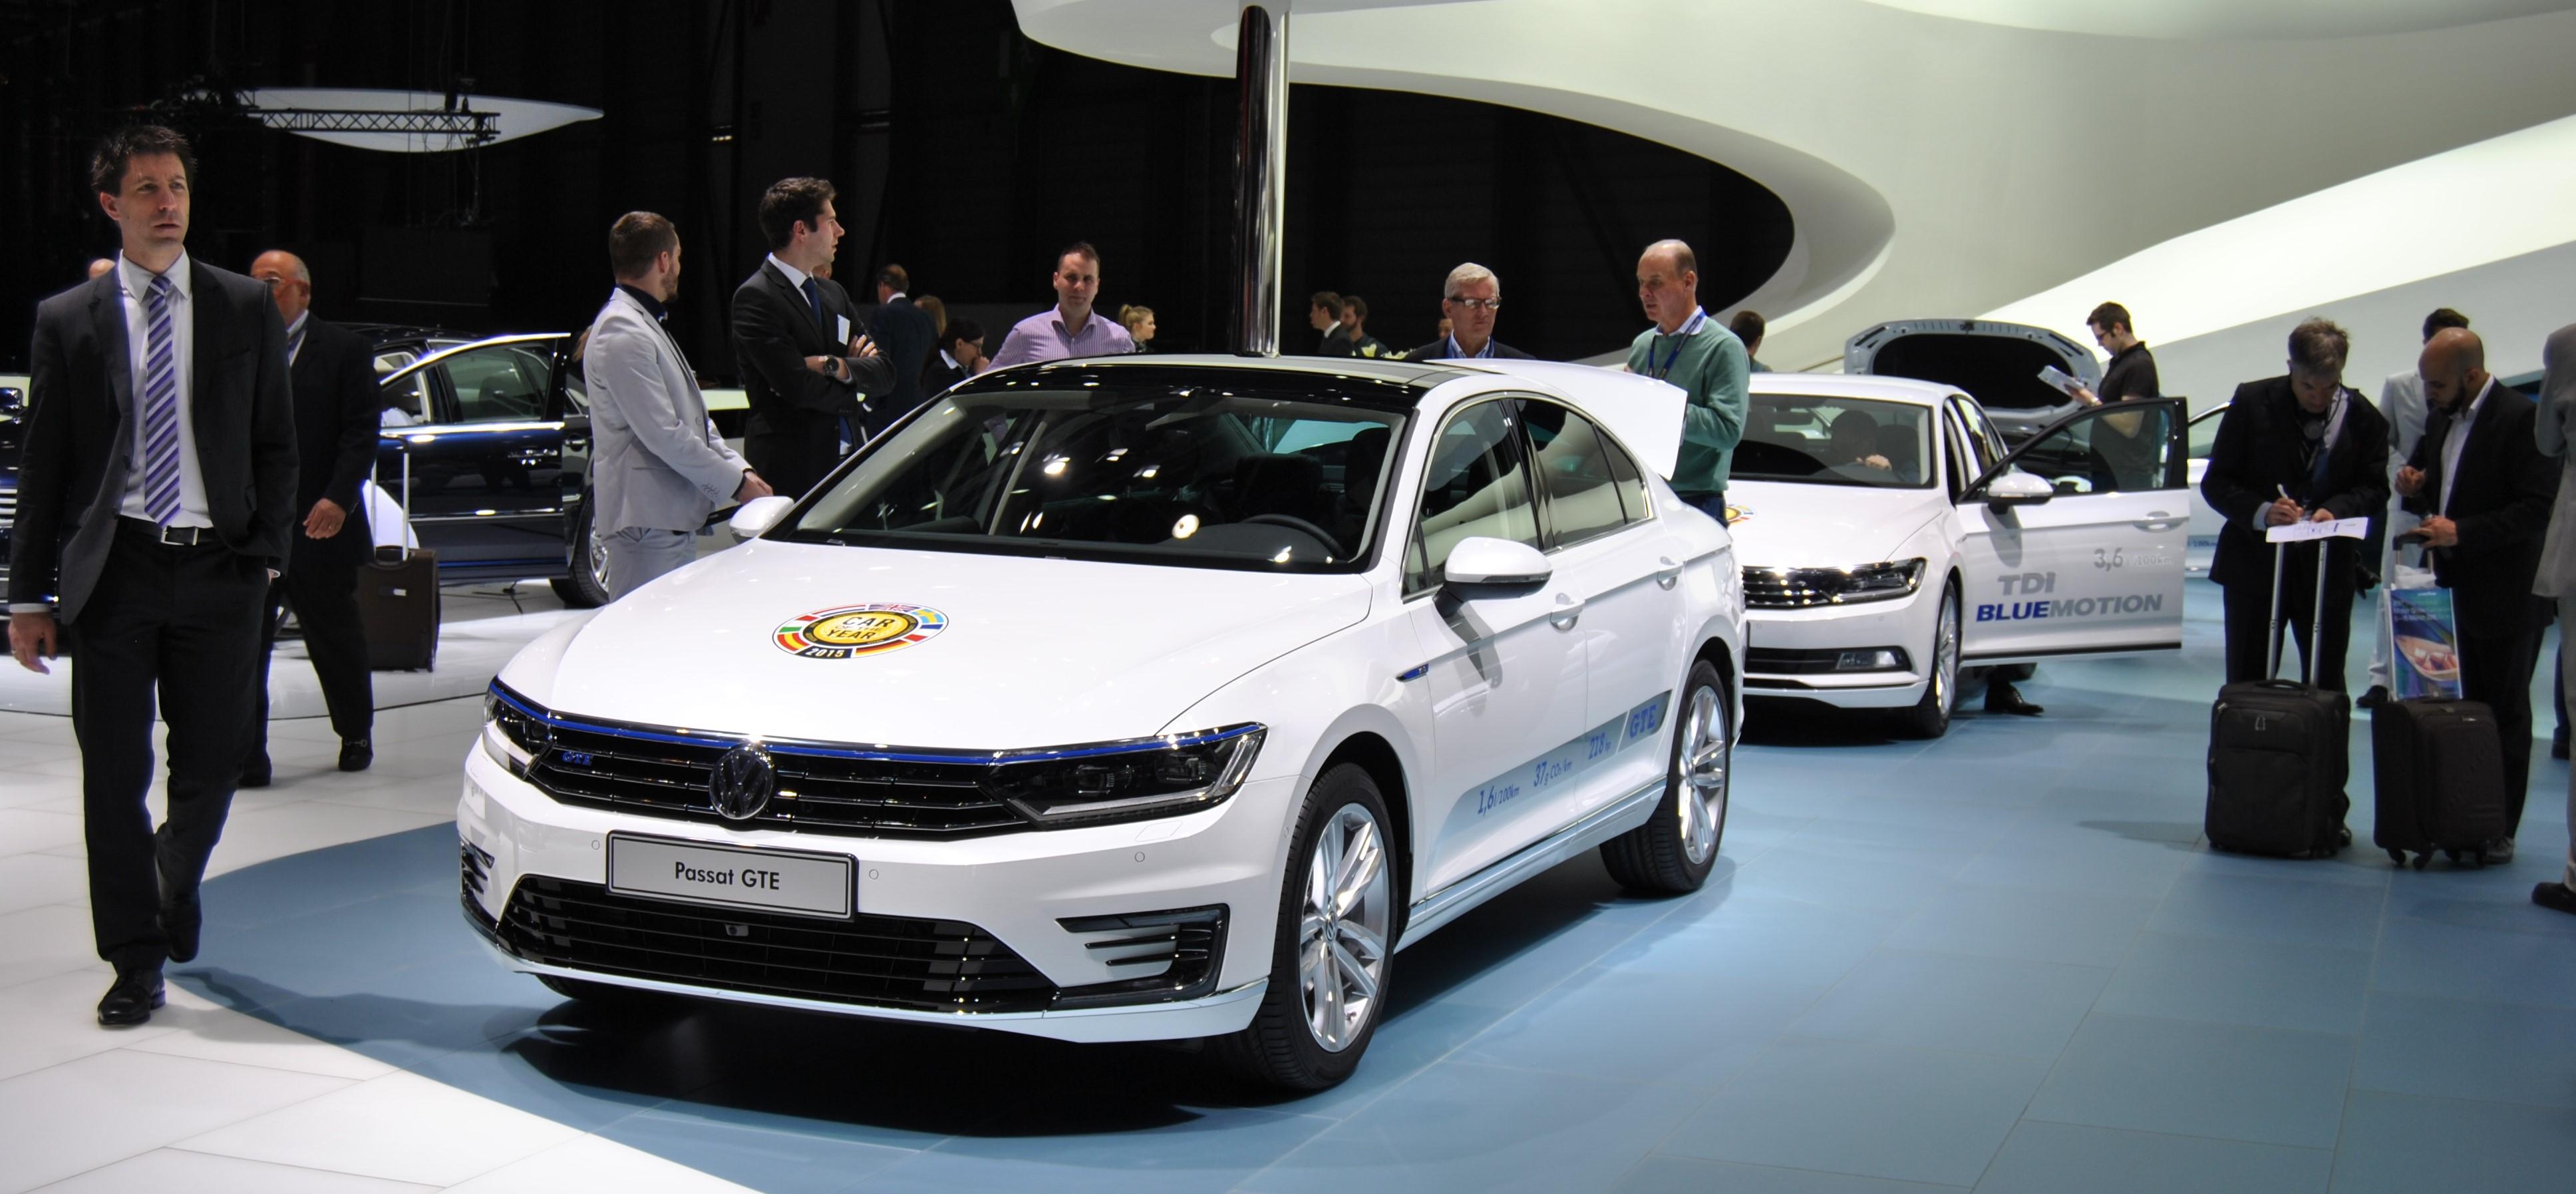 Car of the year 2015 Volkswagen Passat